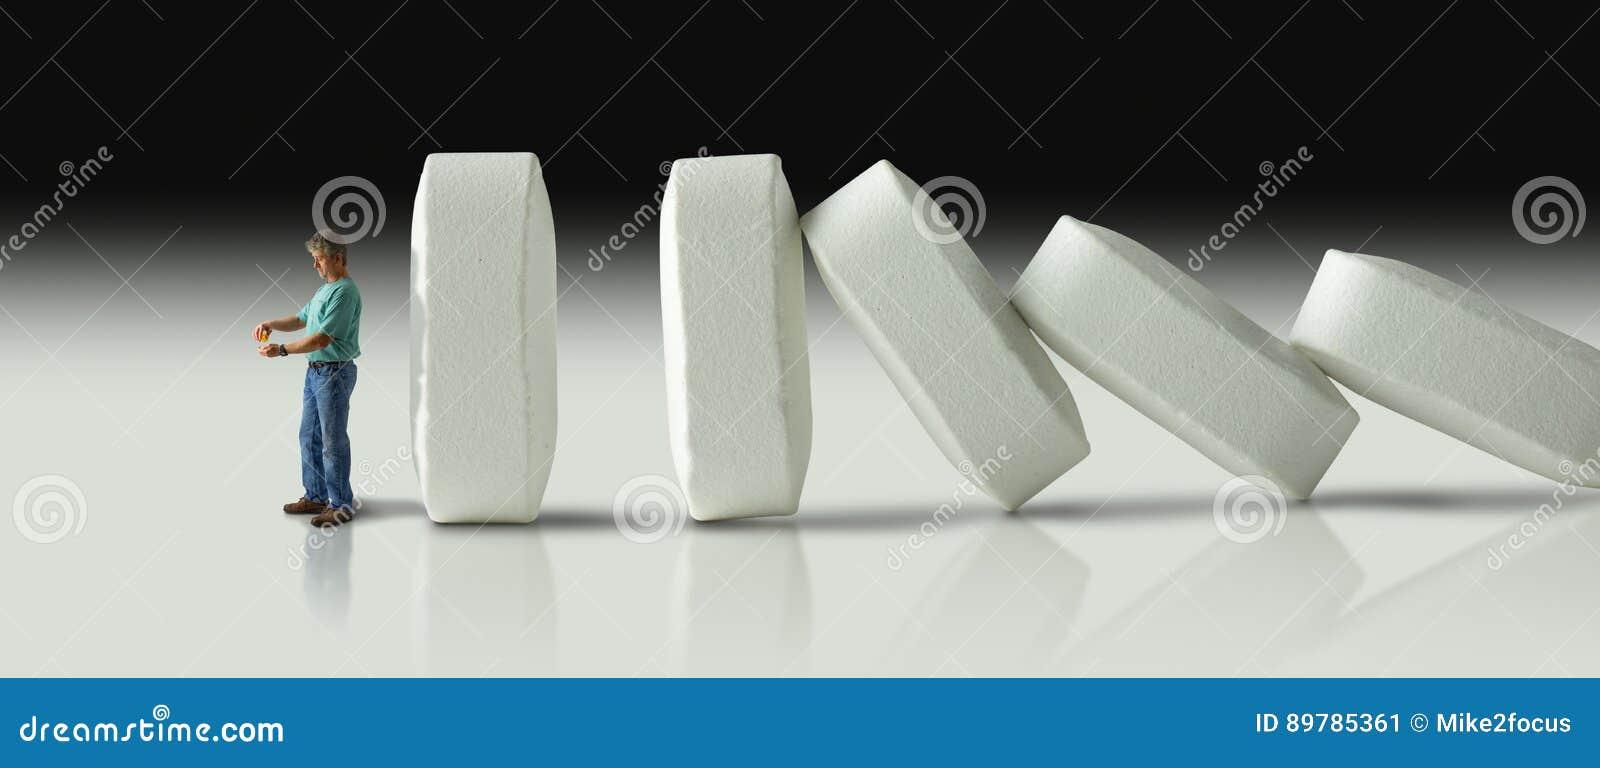 Enorme Reihe von den Pillen, die vorbei wie Dominos schließlich zum Crus zusammenstoßen